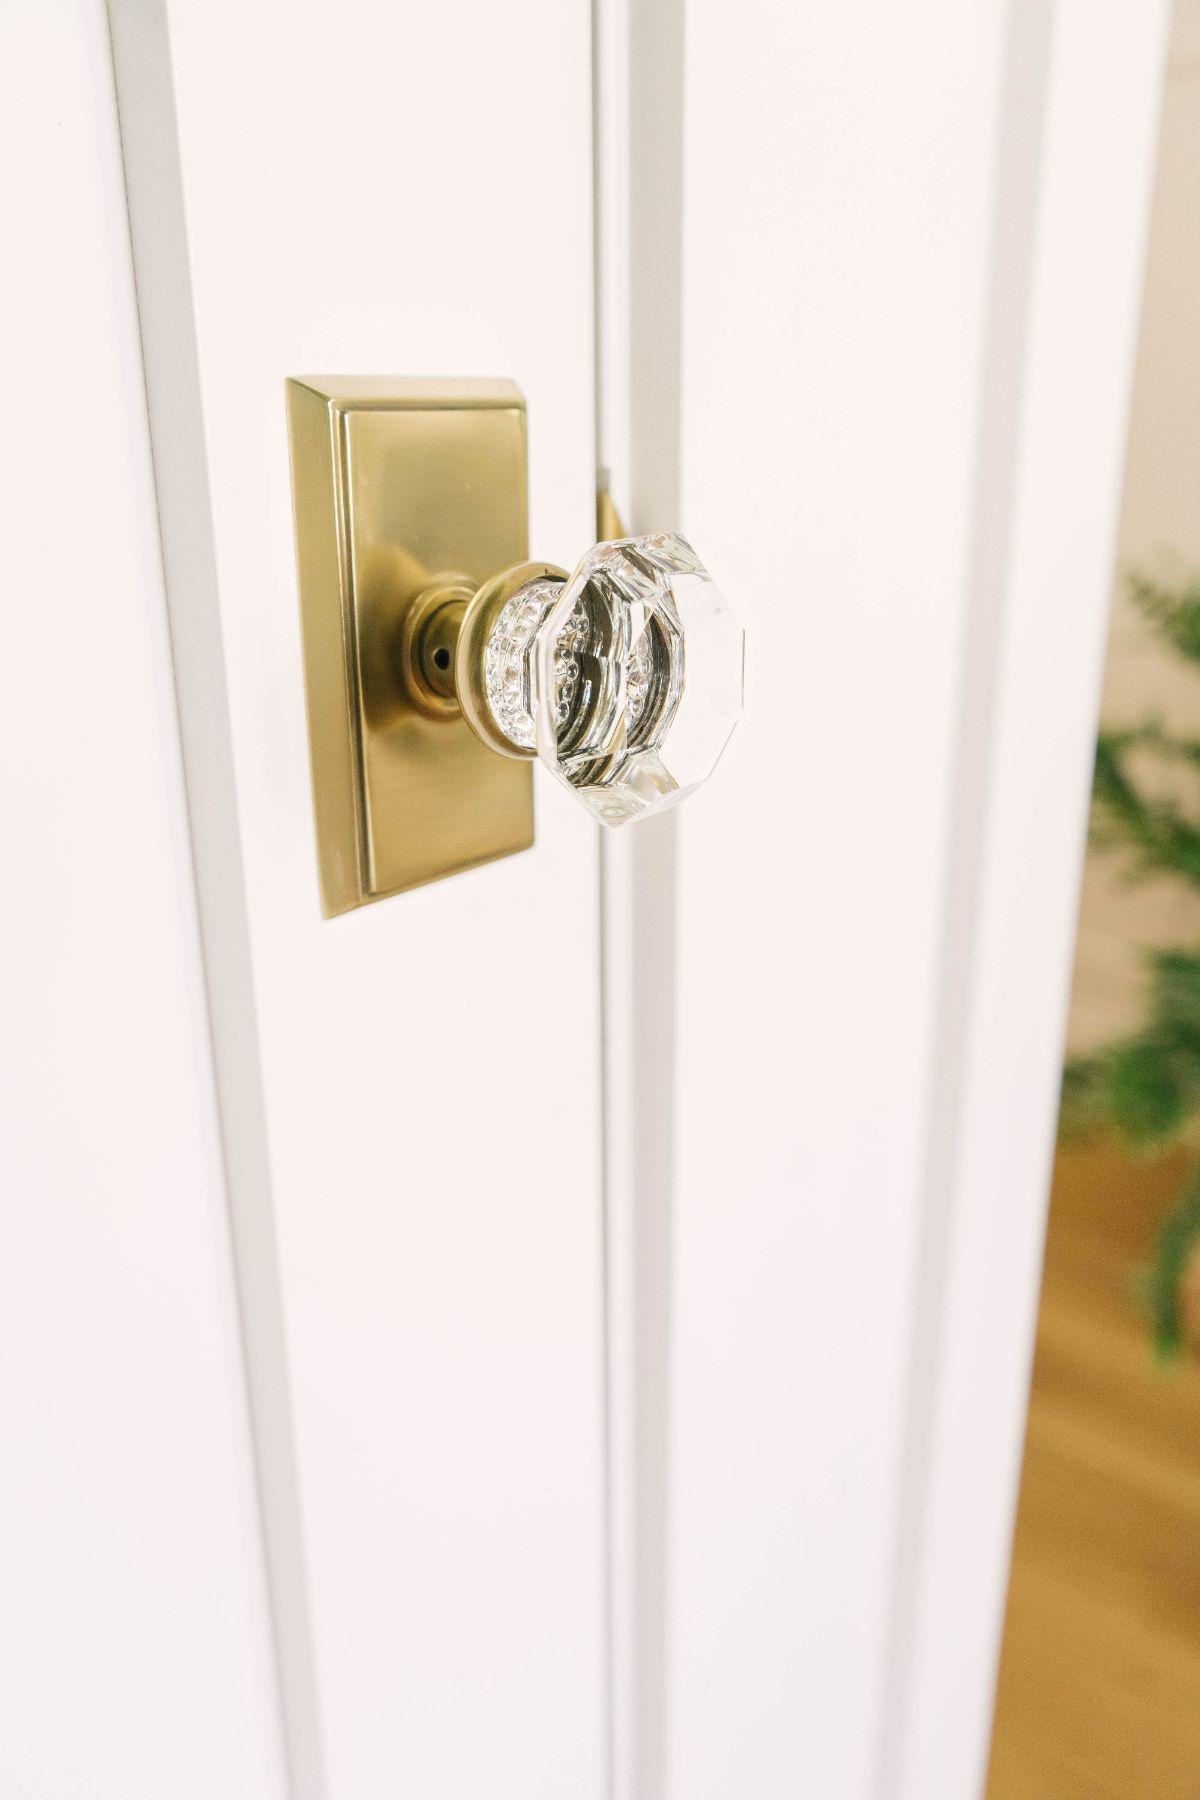 Vintage Looking Door Knobs